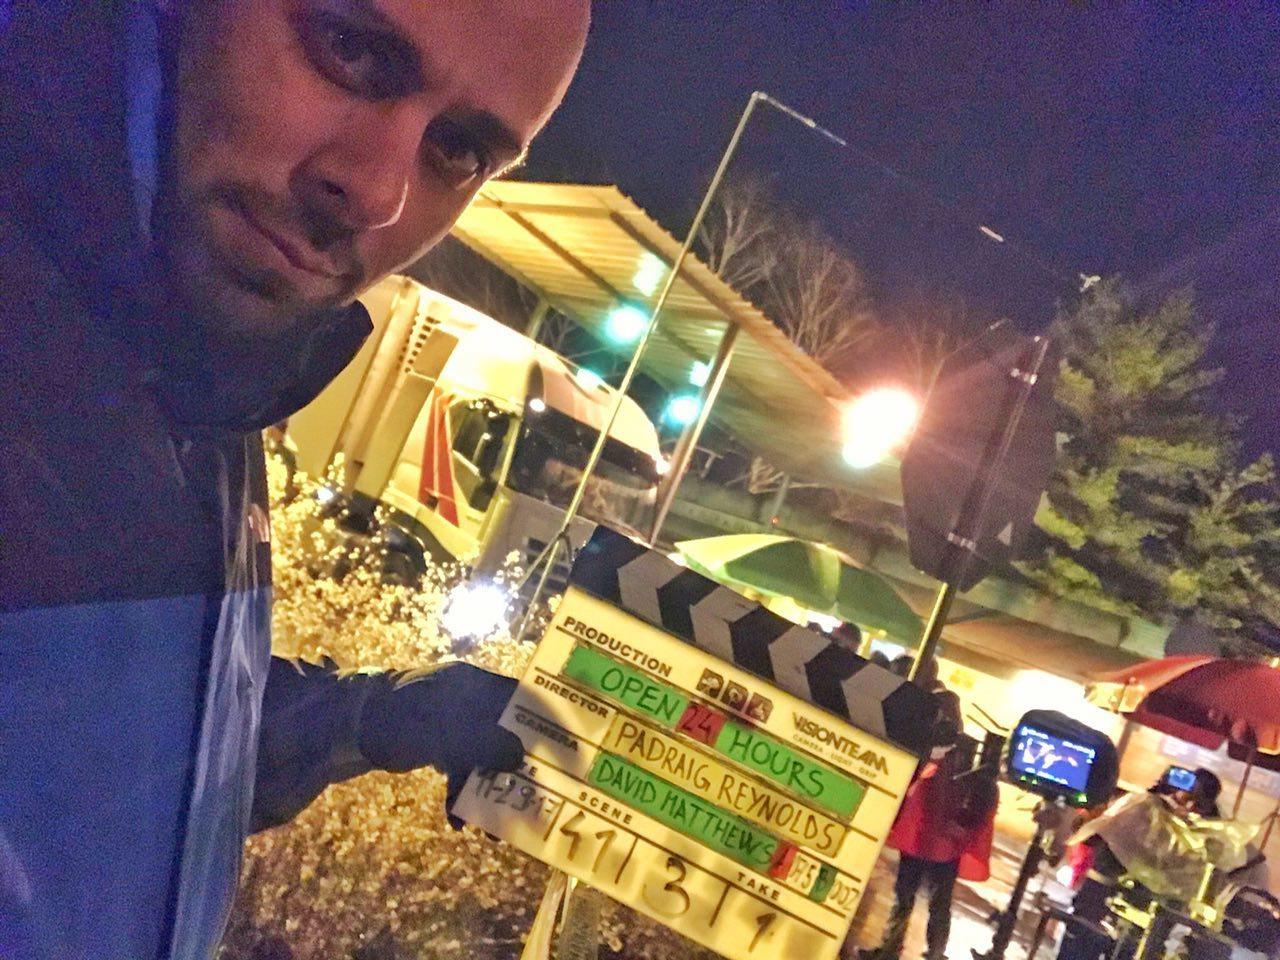 (تصاویر) بدلکار ایرانی خود را برای فیلم هالیوودی آتش زد